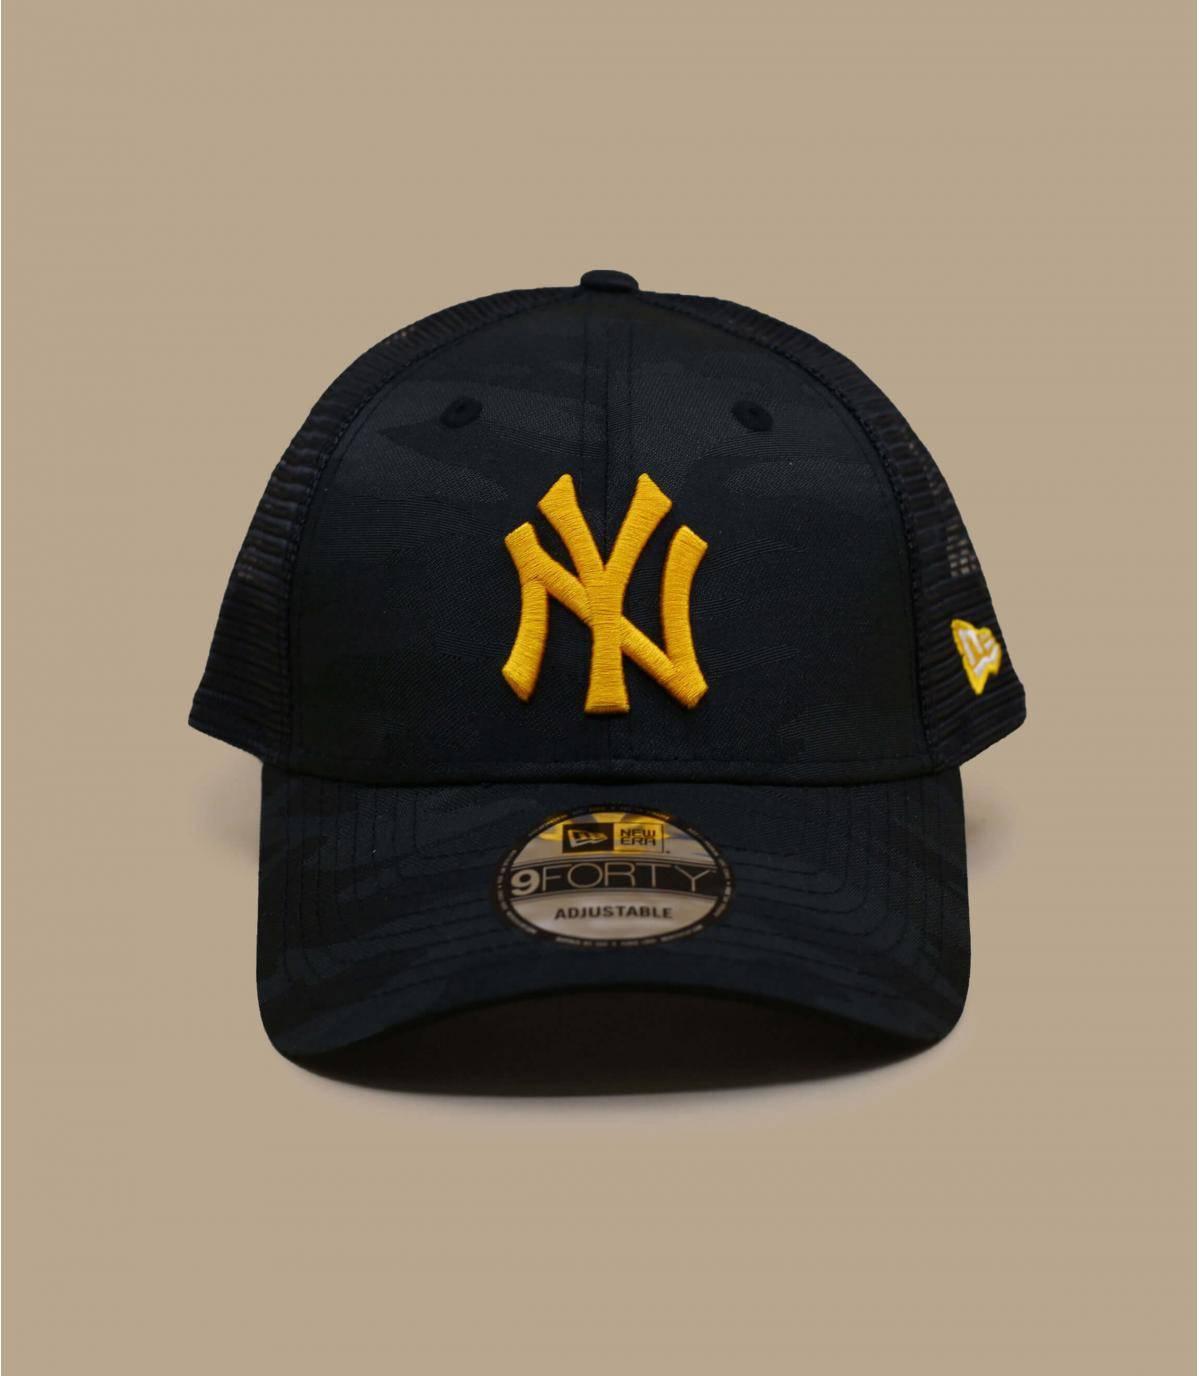 Yellow camo NY trucker cap